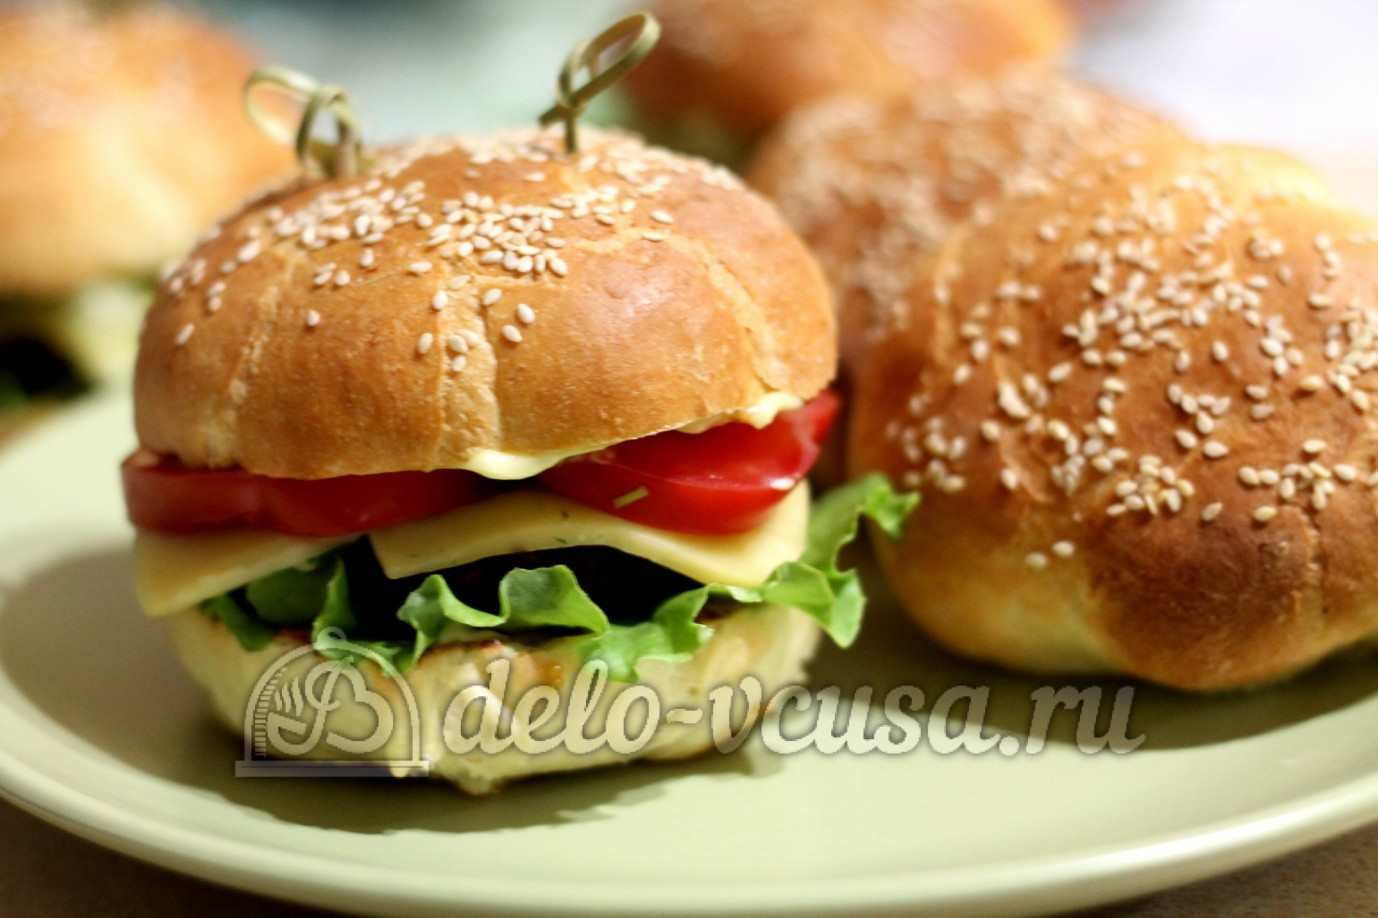 Как делать гамбургеры в домашних условиях